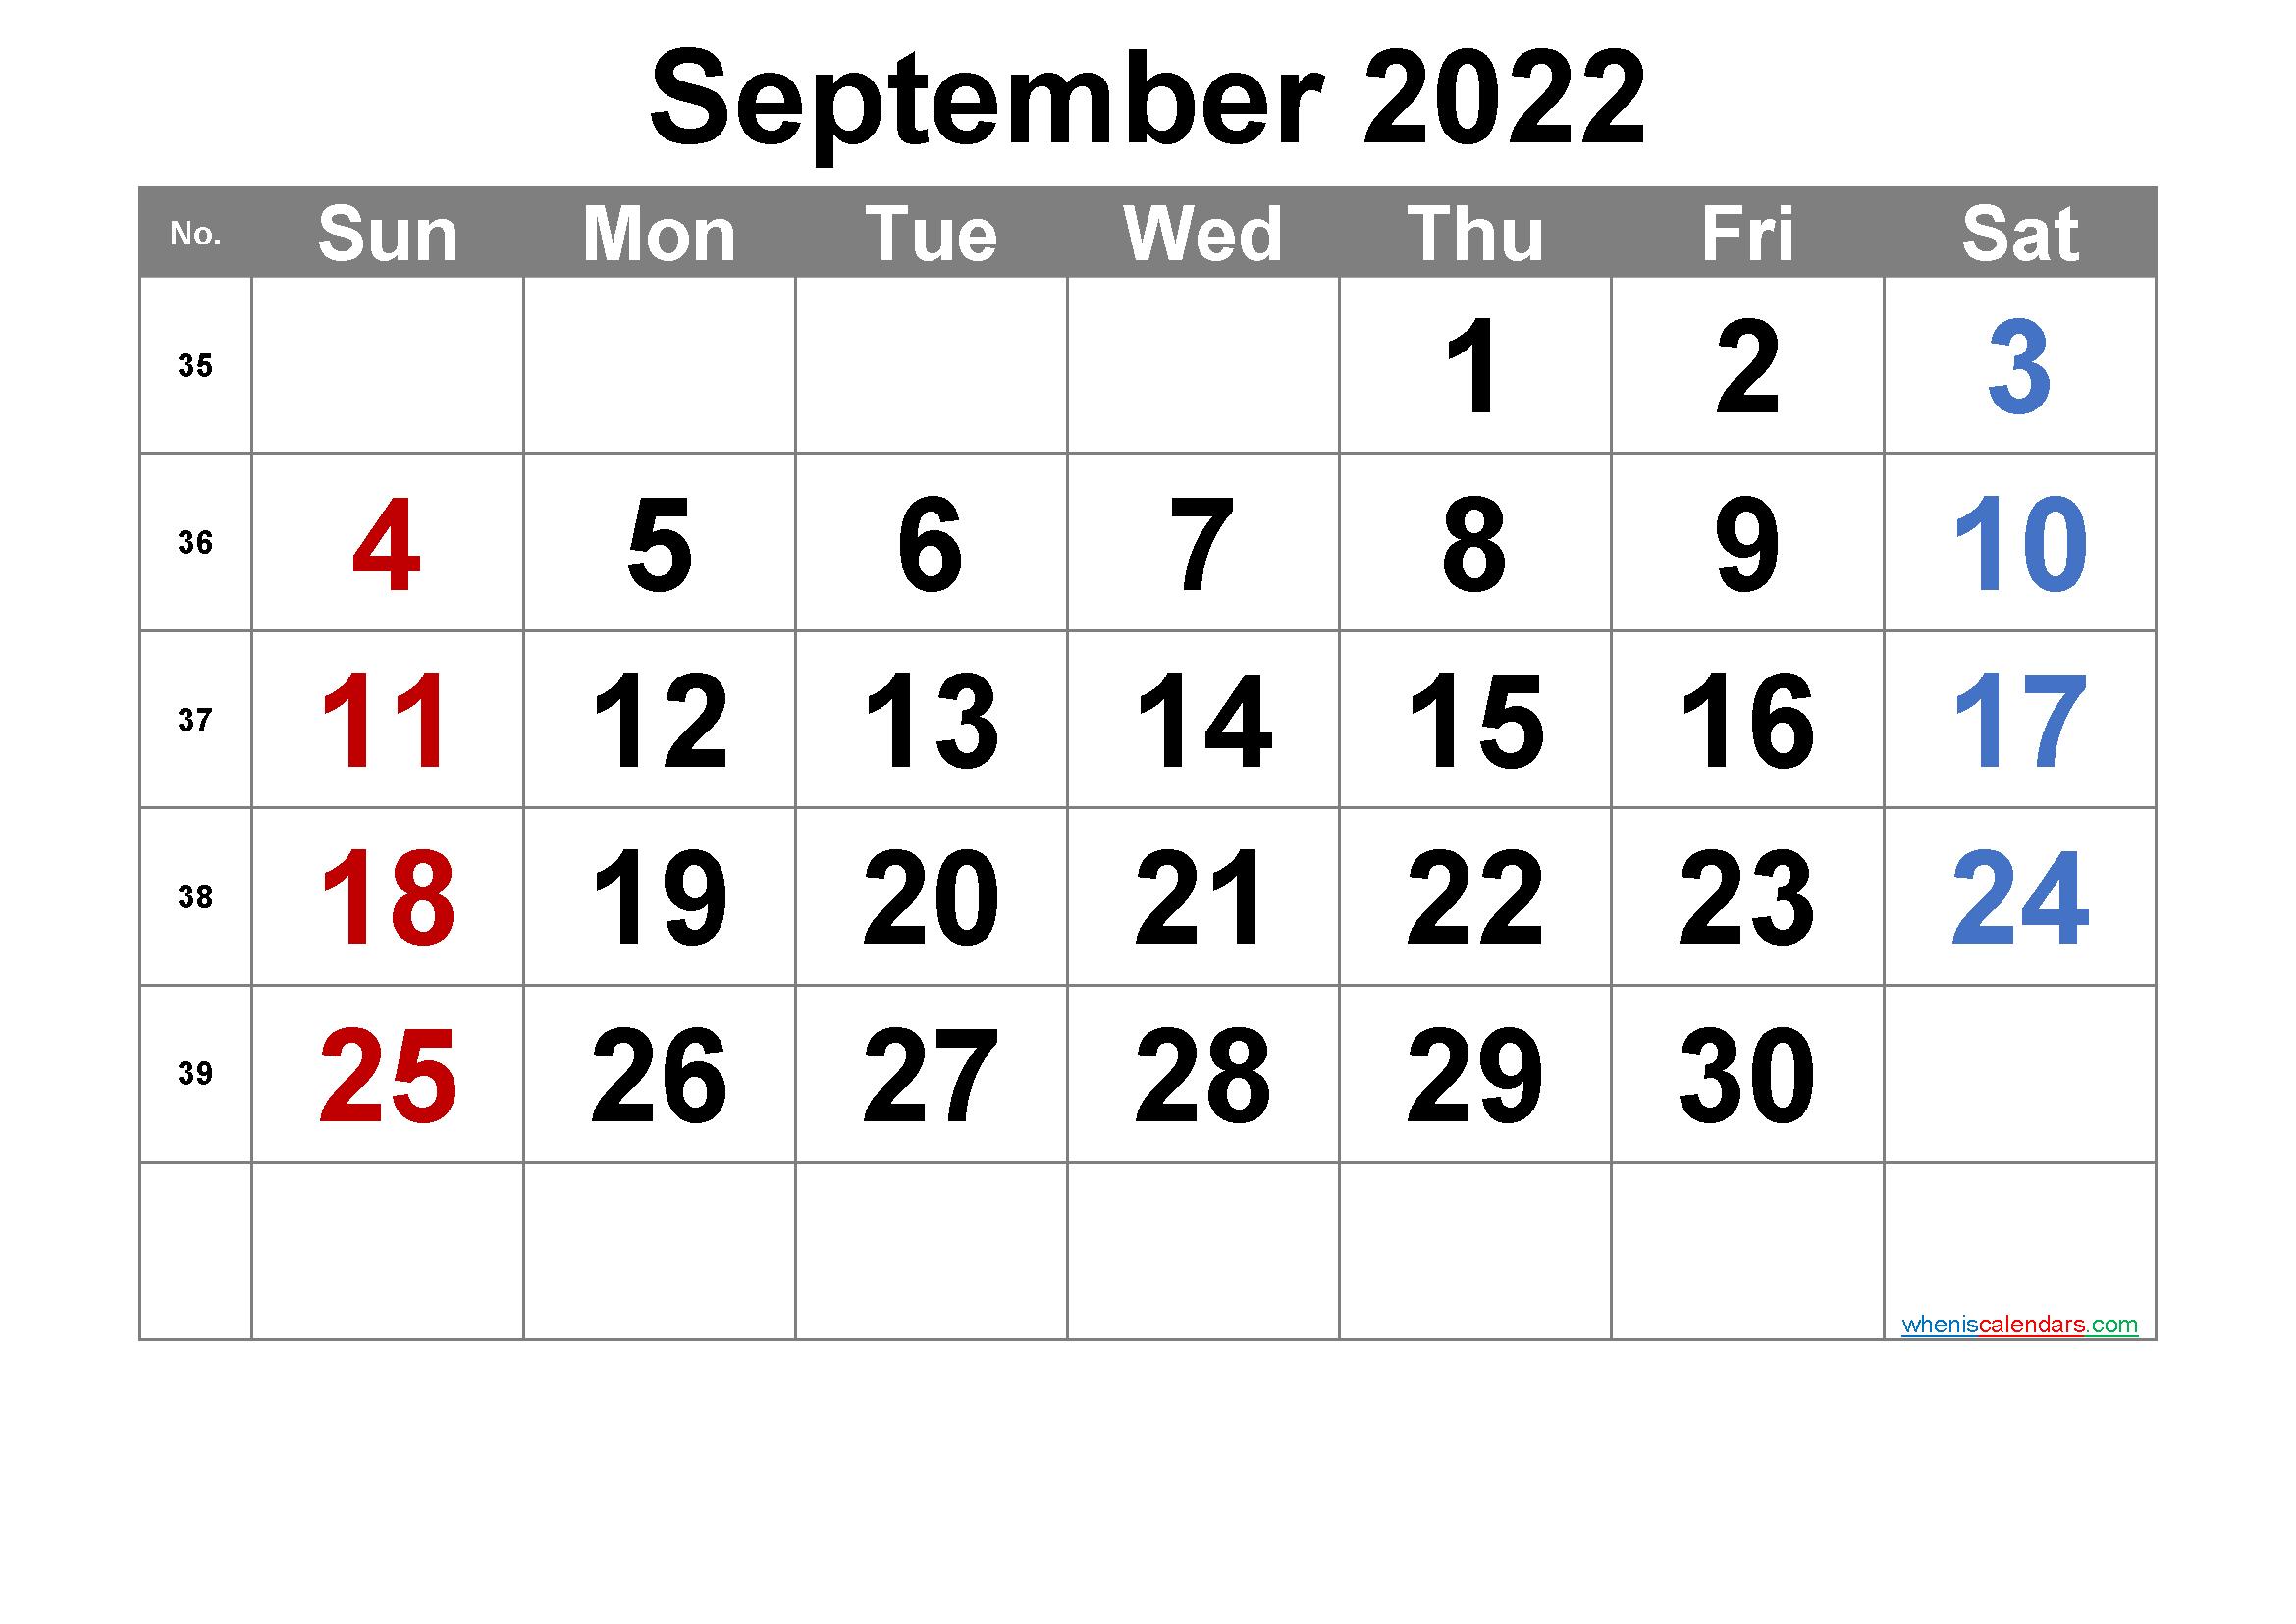 September 2022 Calendar Wallpaper.Printable September 2022 Calendar Free Premium Monthly Calendar Printable Printable Calendar Template Monthly Calendar